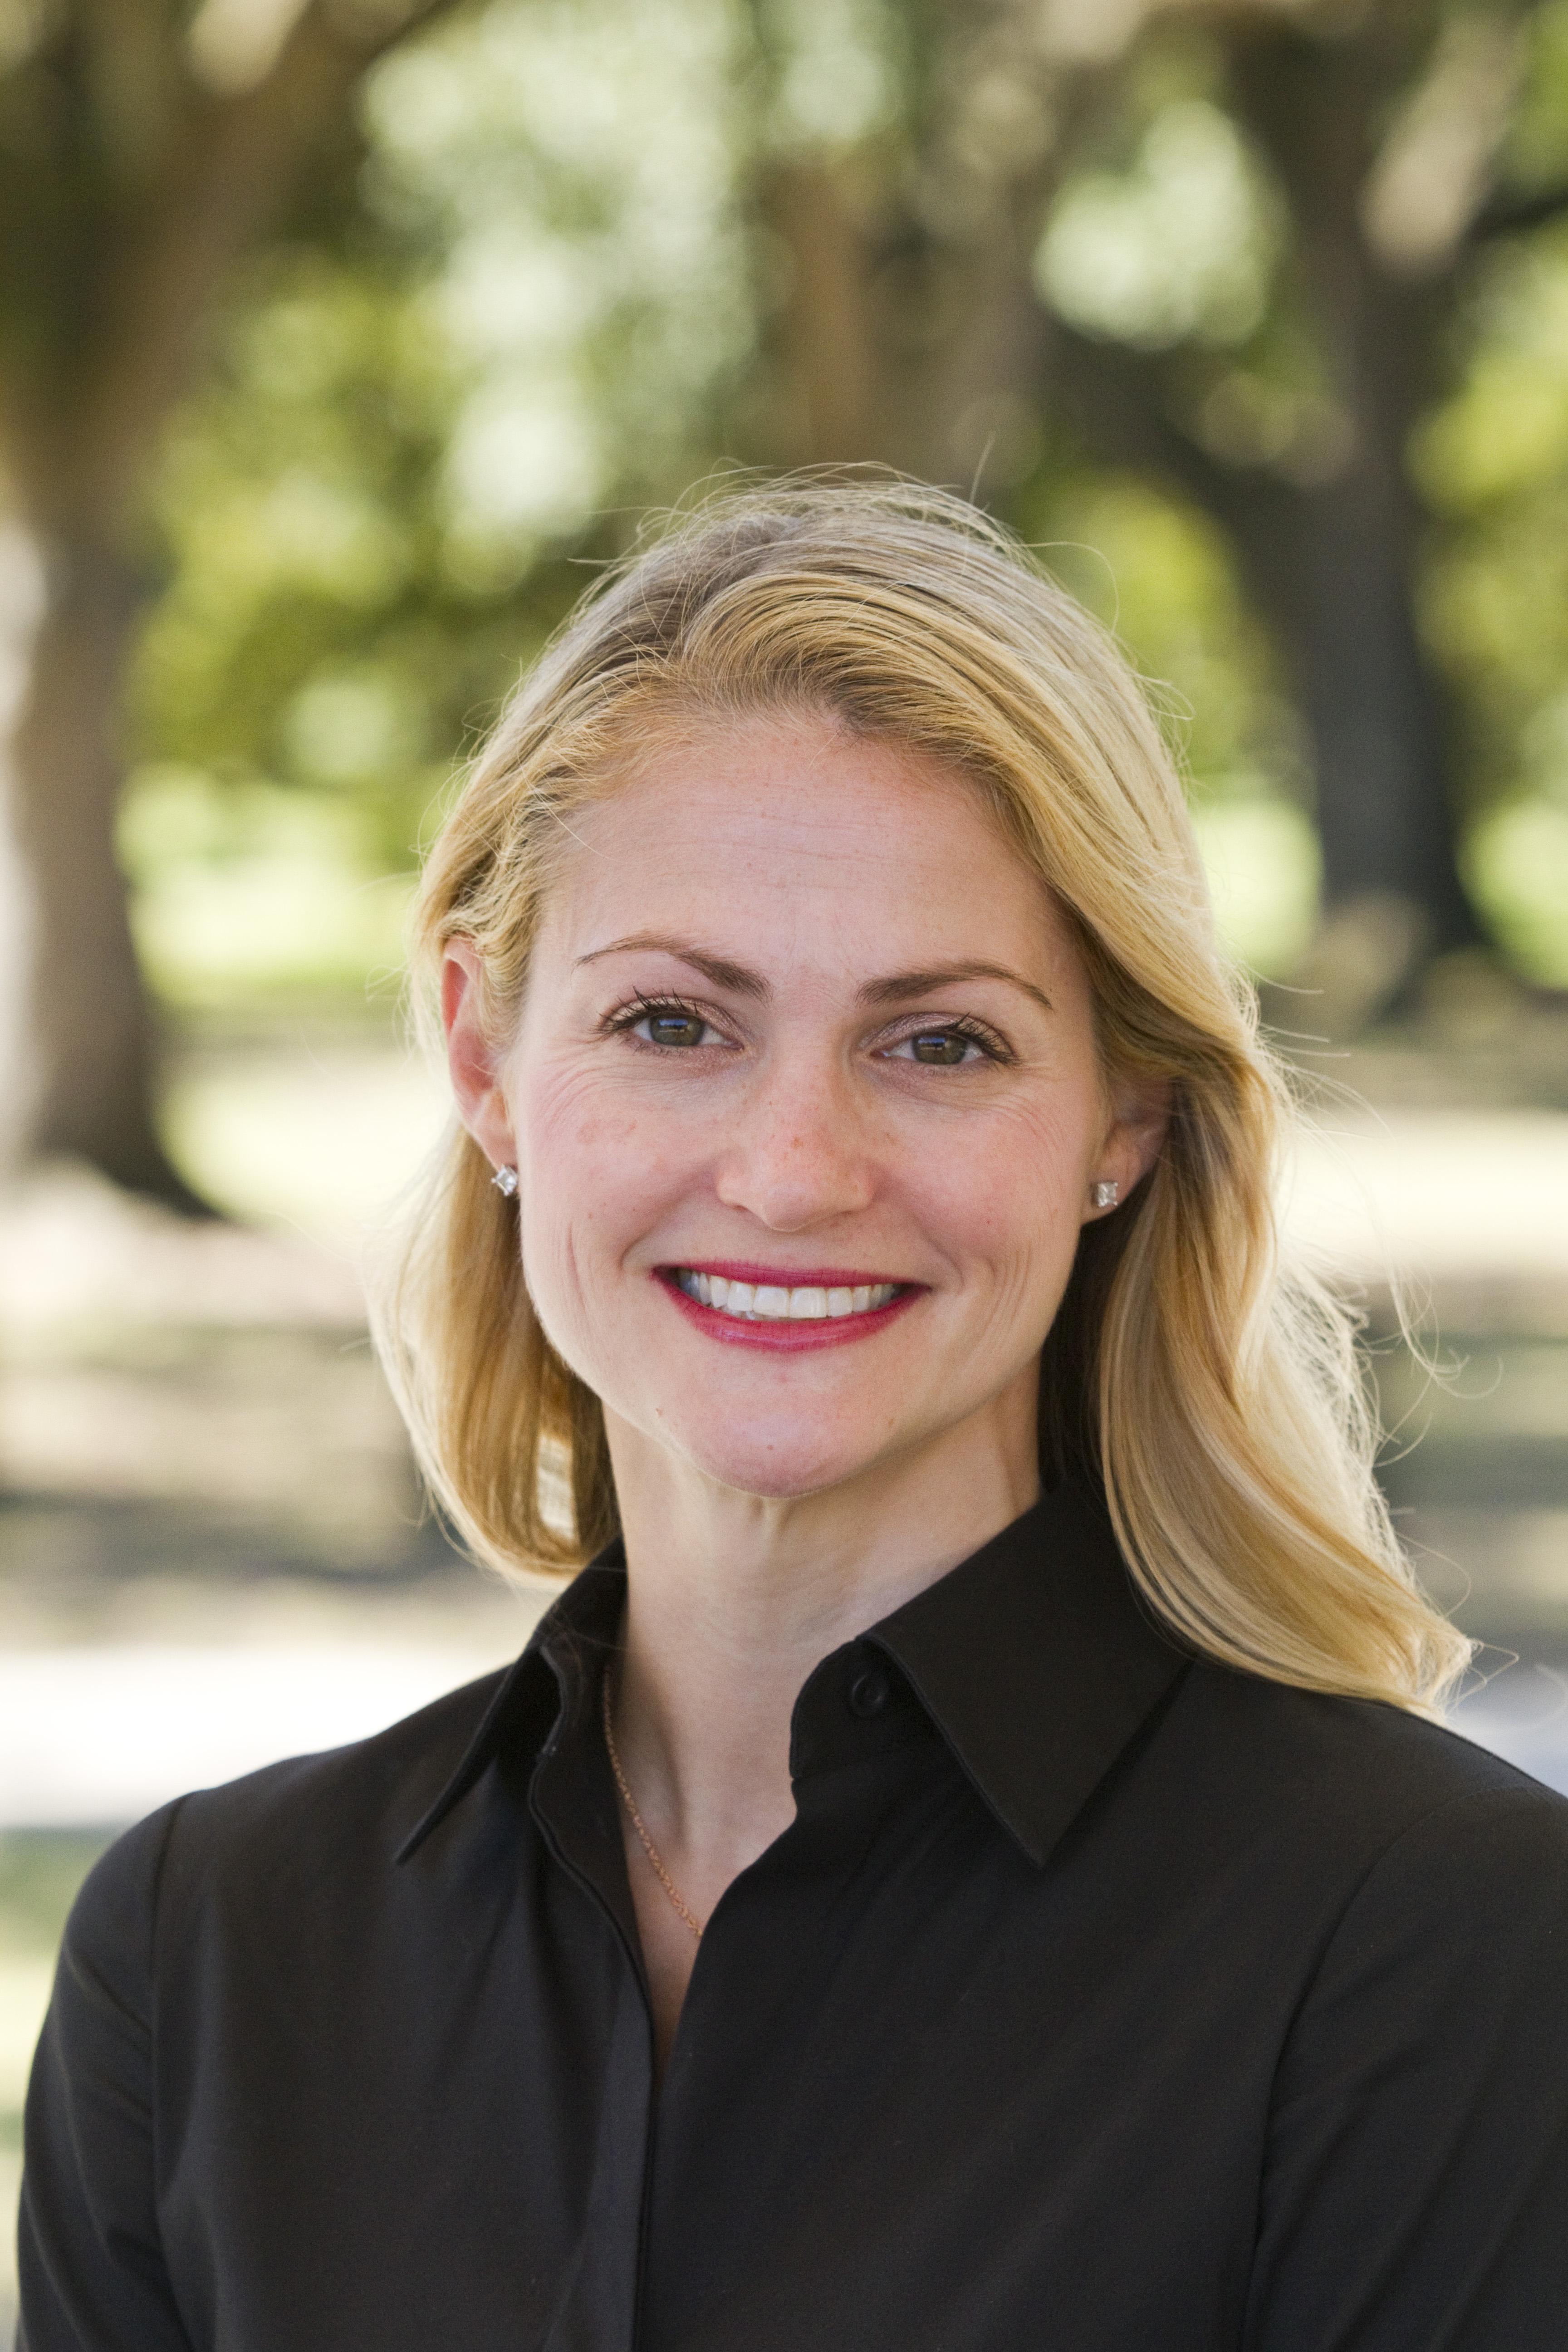 Sarah Martzolf